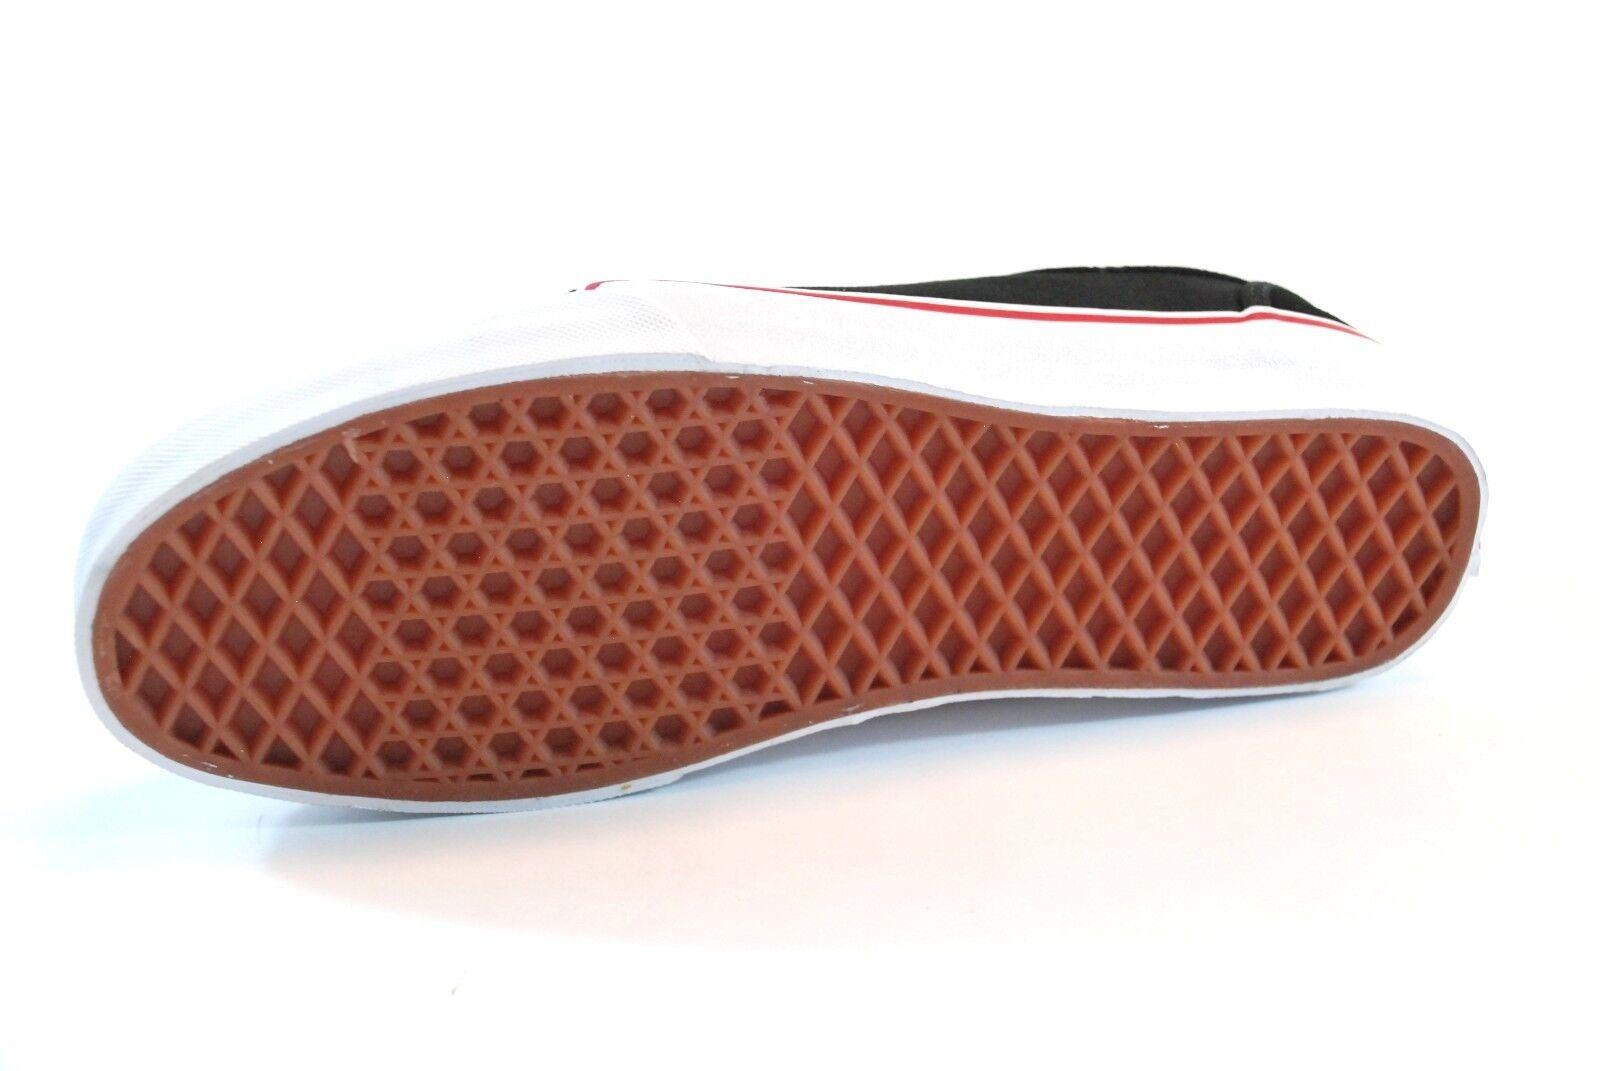 vans chucka faible cruise ou perdre vn0nka771 vn0nka771 vn0nka771 rouge  blanc  noir (471) chaussur es p our hommes 7074e9